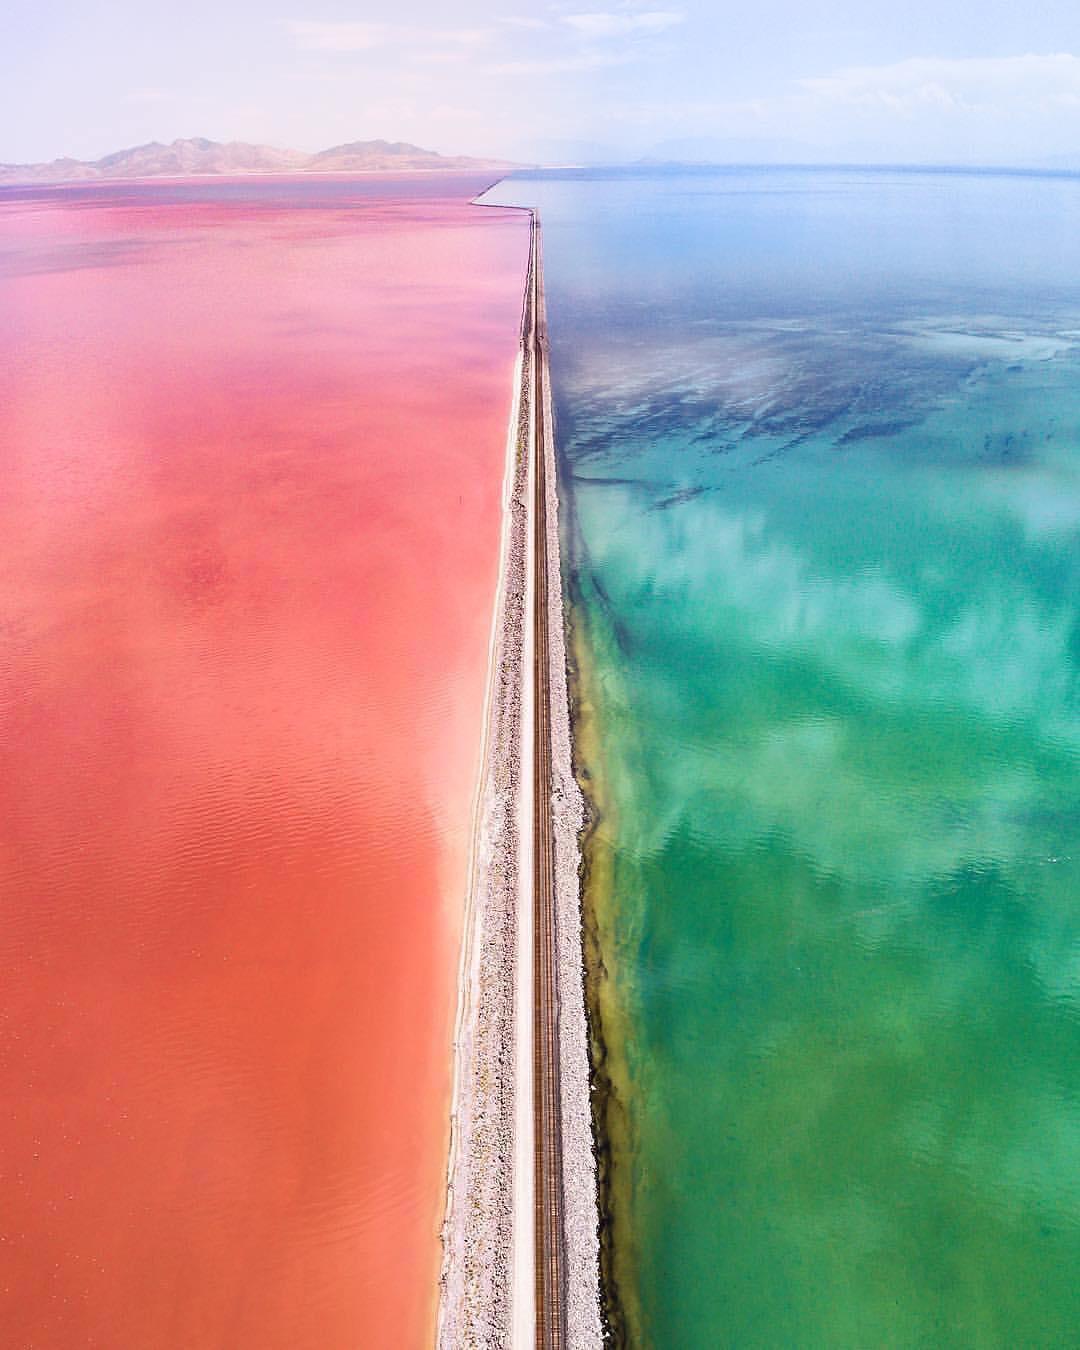 Grande lago salgado de Utah cortado por uma ferrovia. À esquerda, o lago ficou rosa devido aos camarões e algas